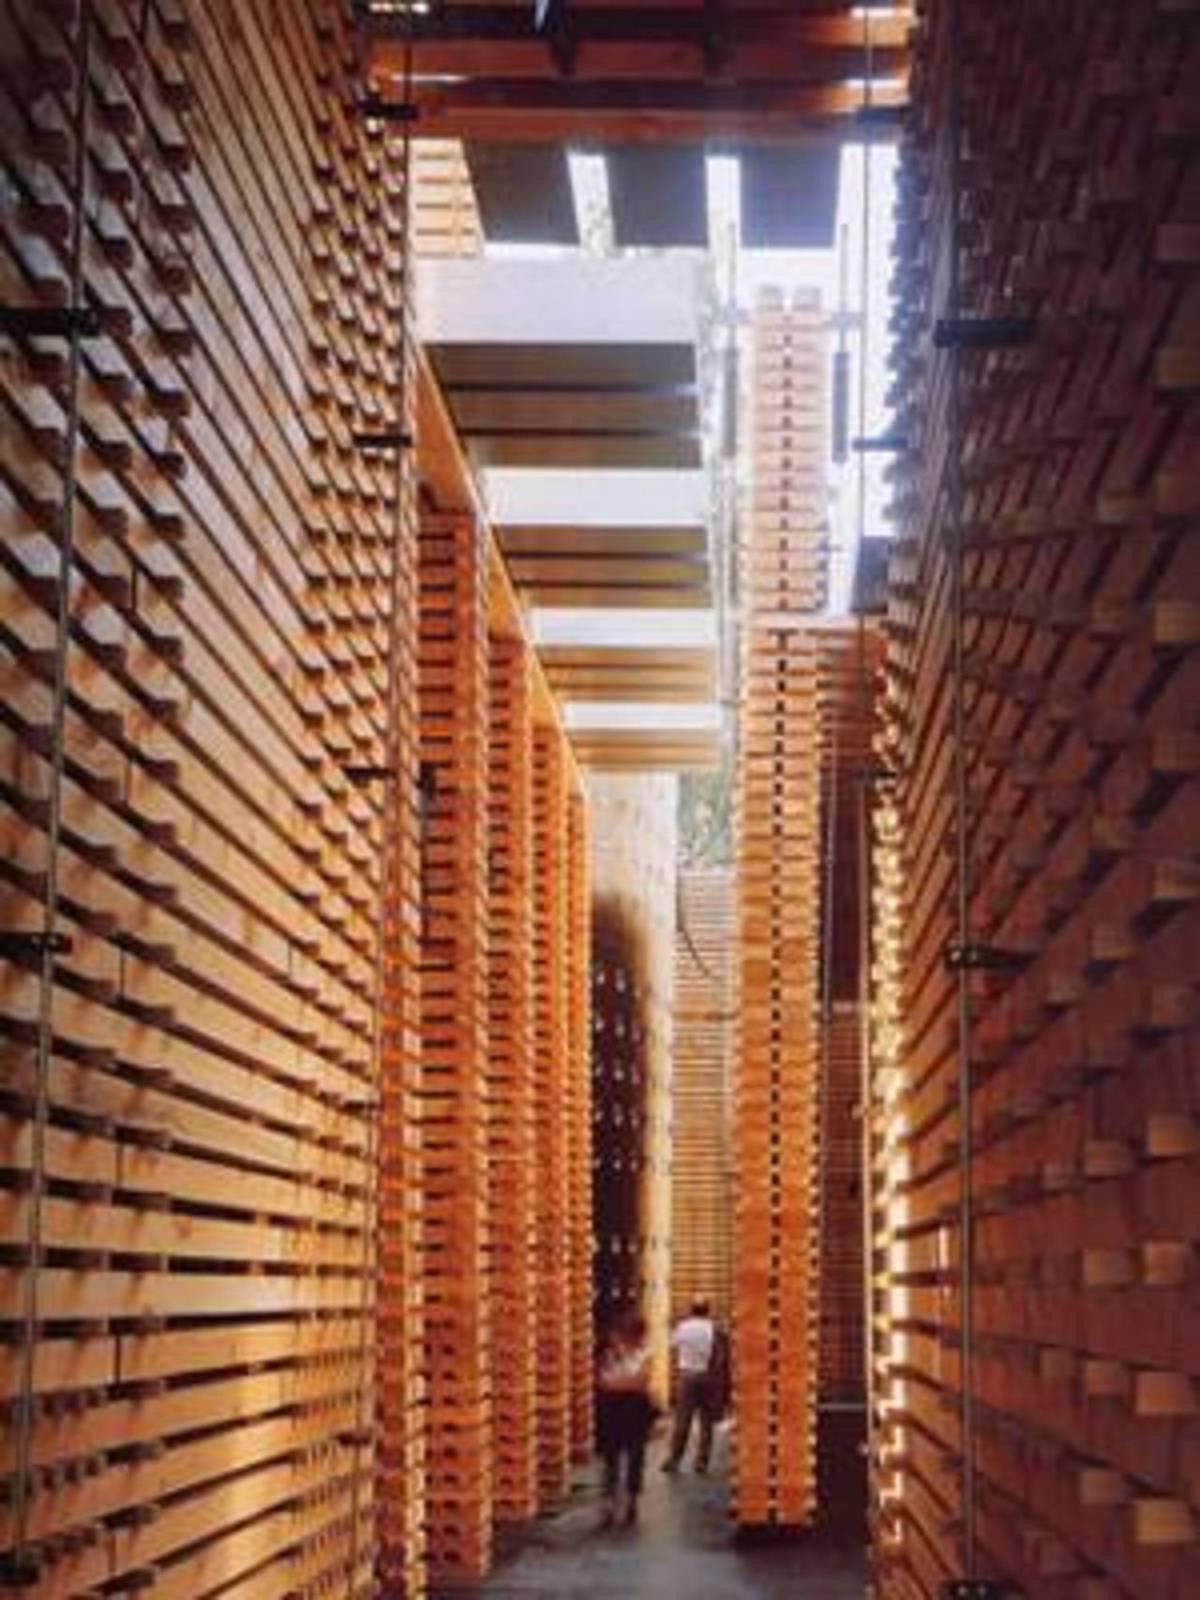 P Zumthor Pavillon Suisse a; l\'Expo 2000 de Hanovre | Floornature